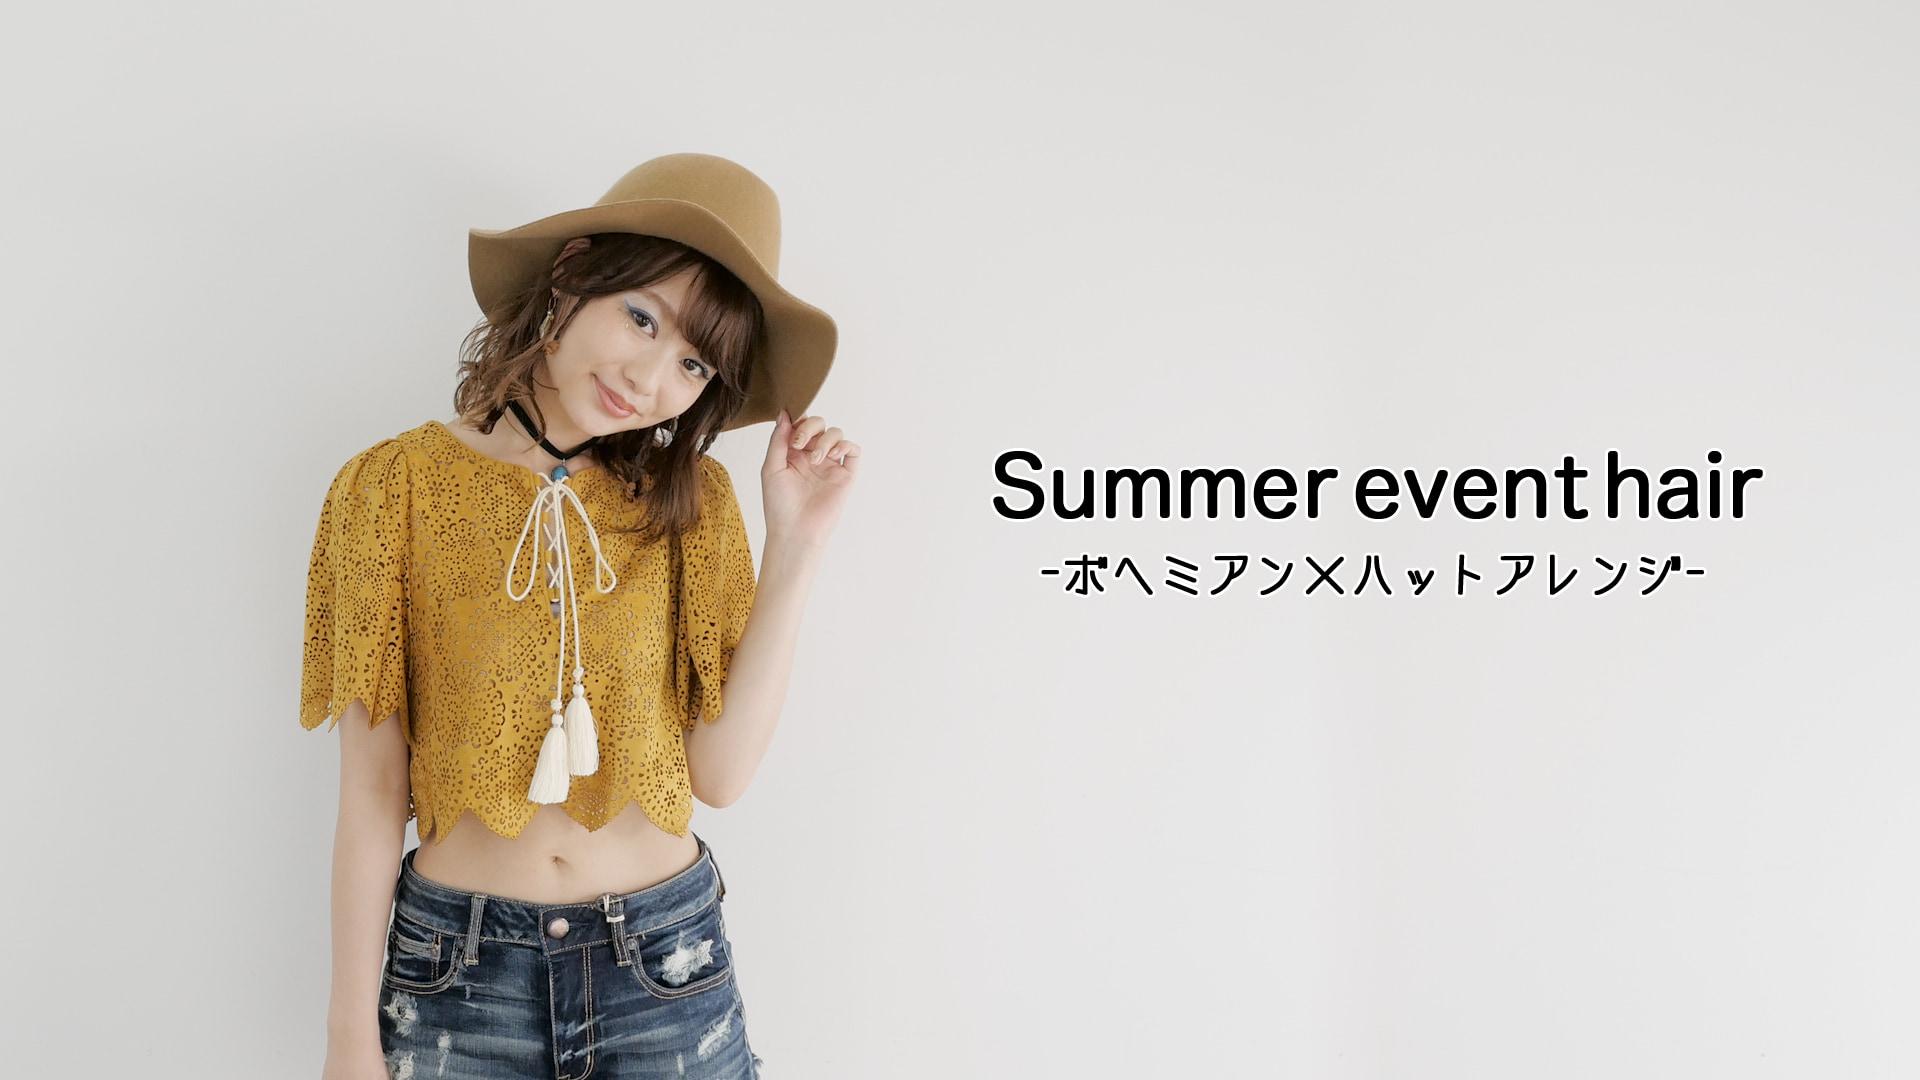 三つ編みで出来る、簡単ボヘミアン×ハットアレンジ【Summer event hair#2】